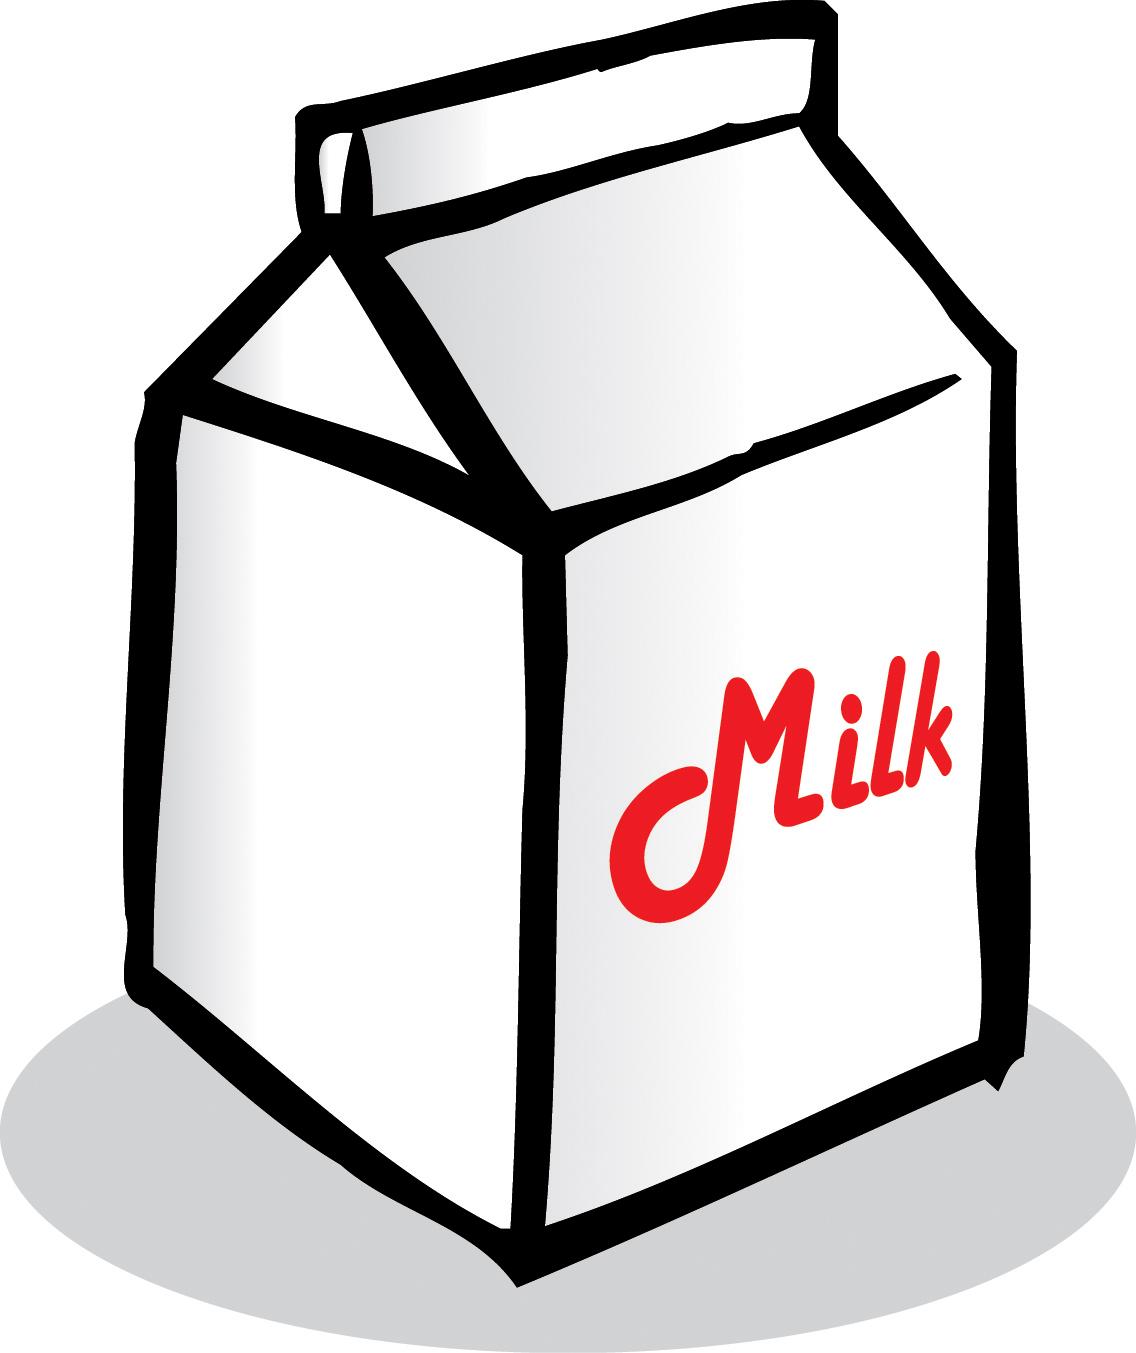 1136x1353 How To Draw Milk Carton